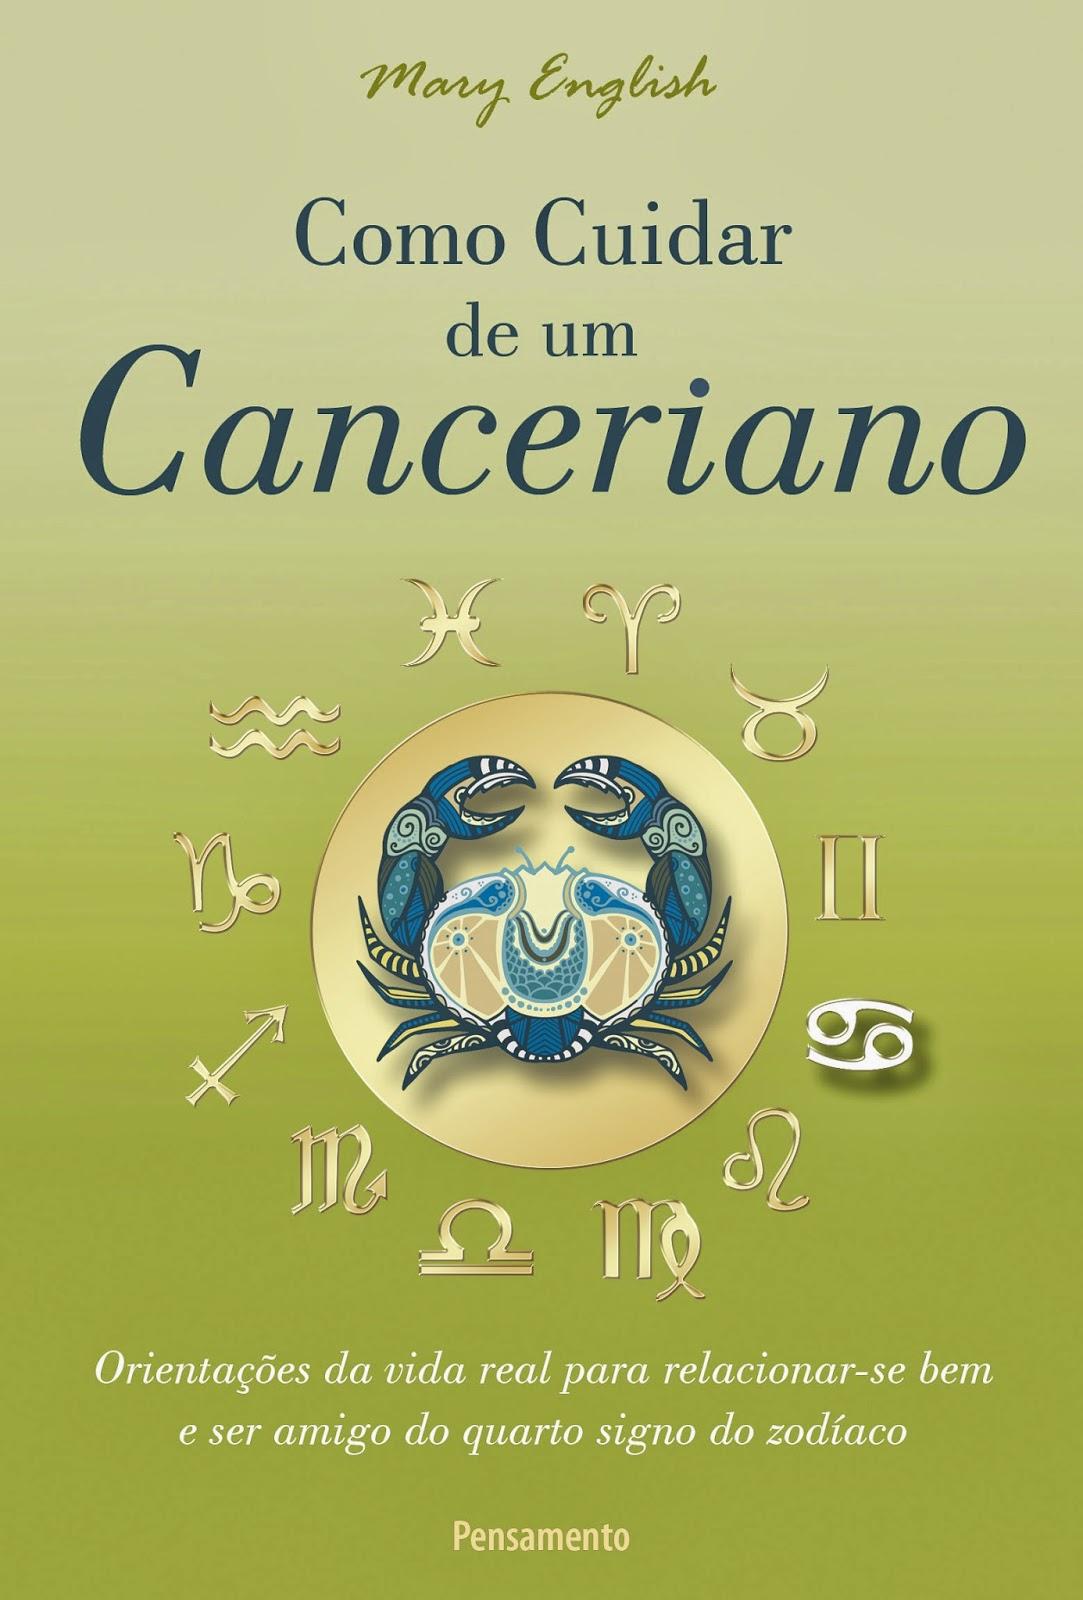 http://www.pensamento-cultrix.com.br/comocuidardeumcanceriano,product,978-85-315-1854-6,4.aspx